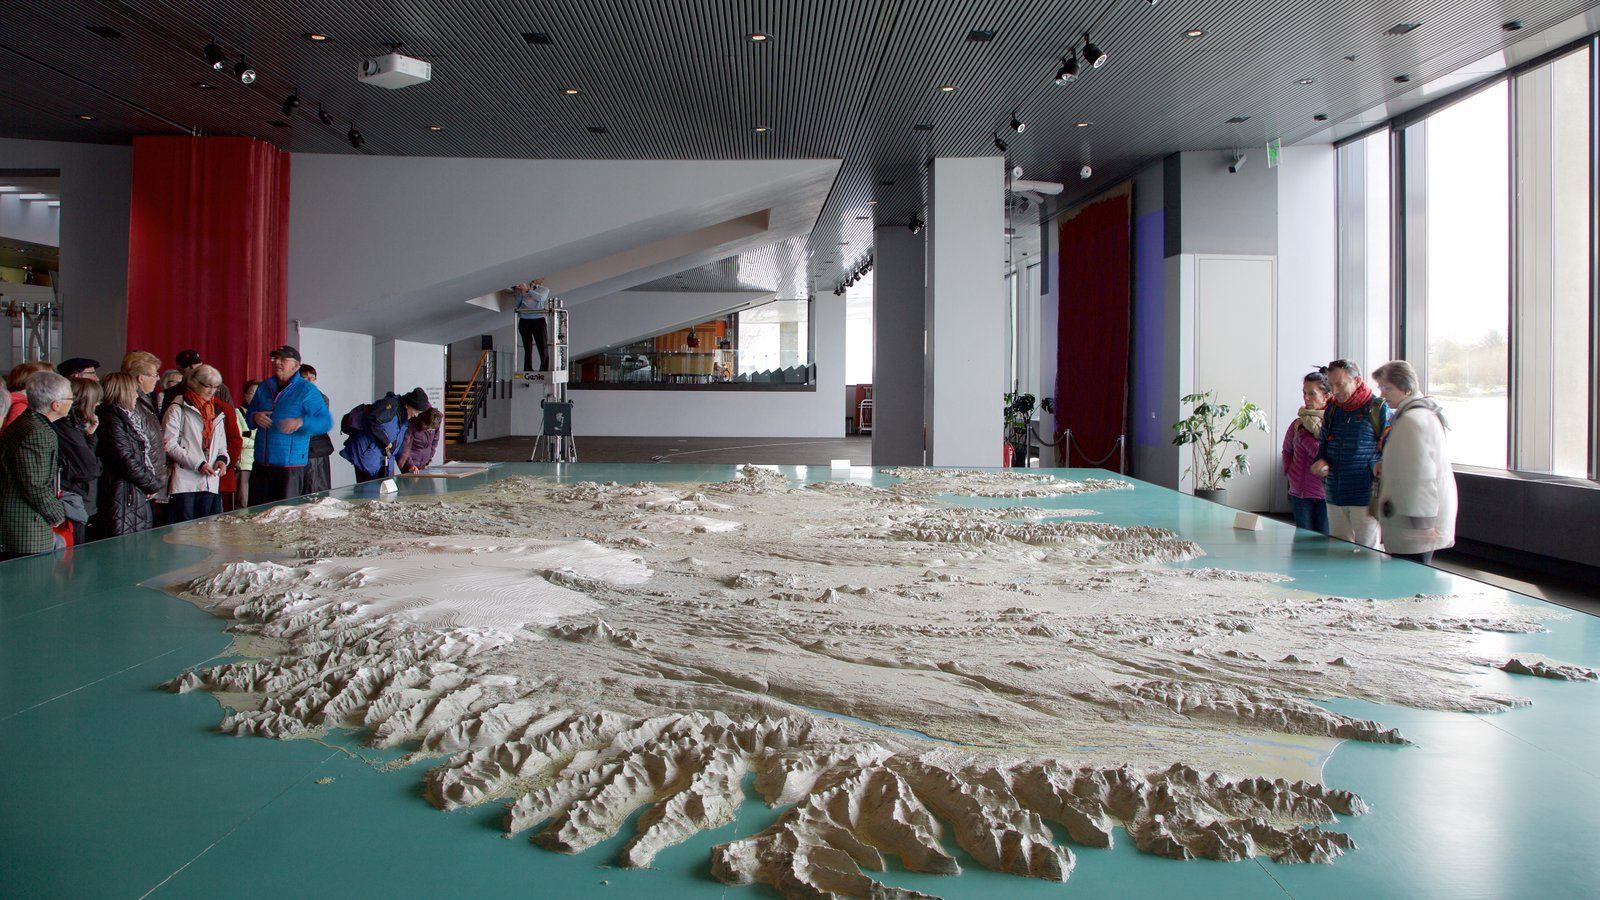 Ayuntamiento de Reykjavík que incluye vistas interiores y también un gran grupo de personas